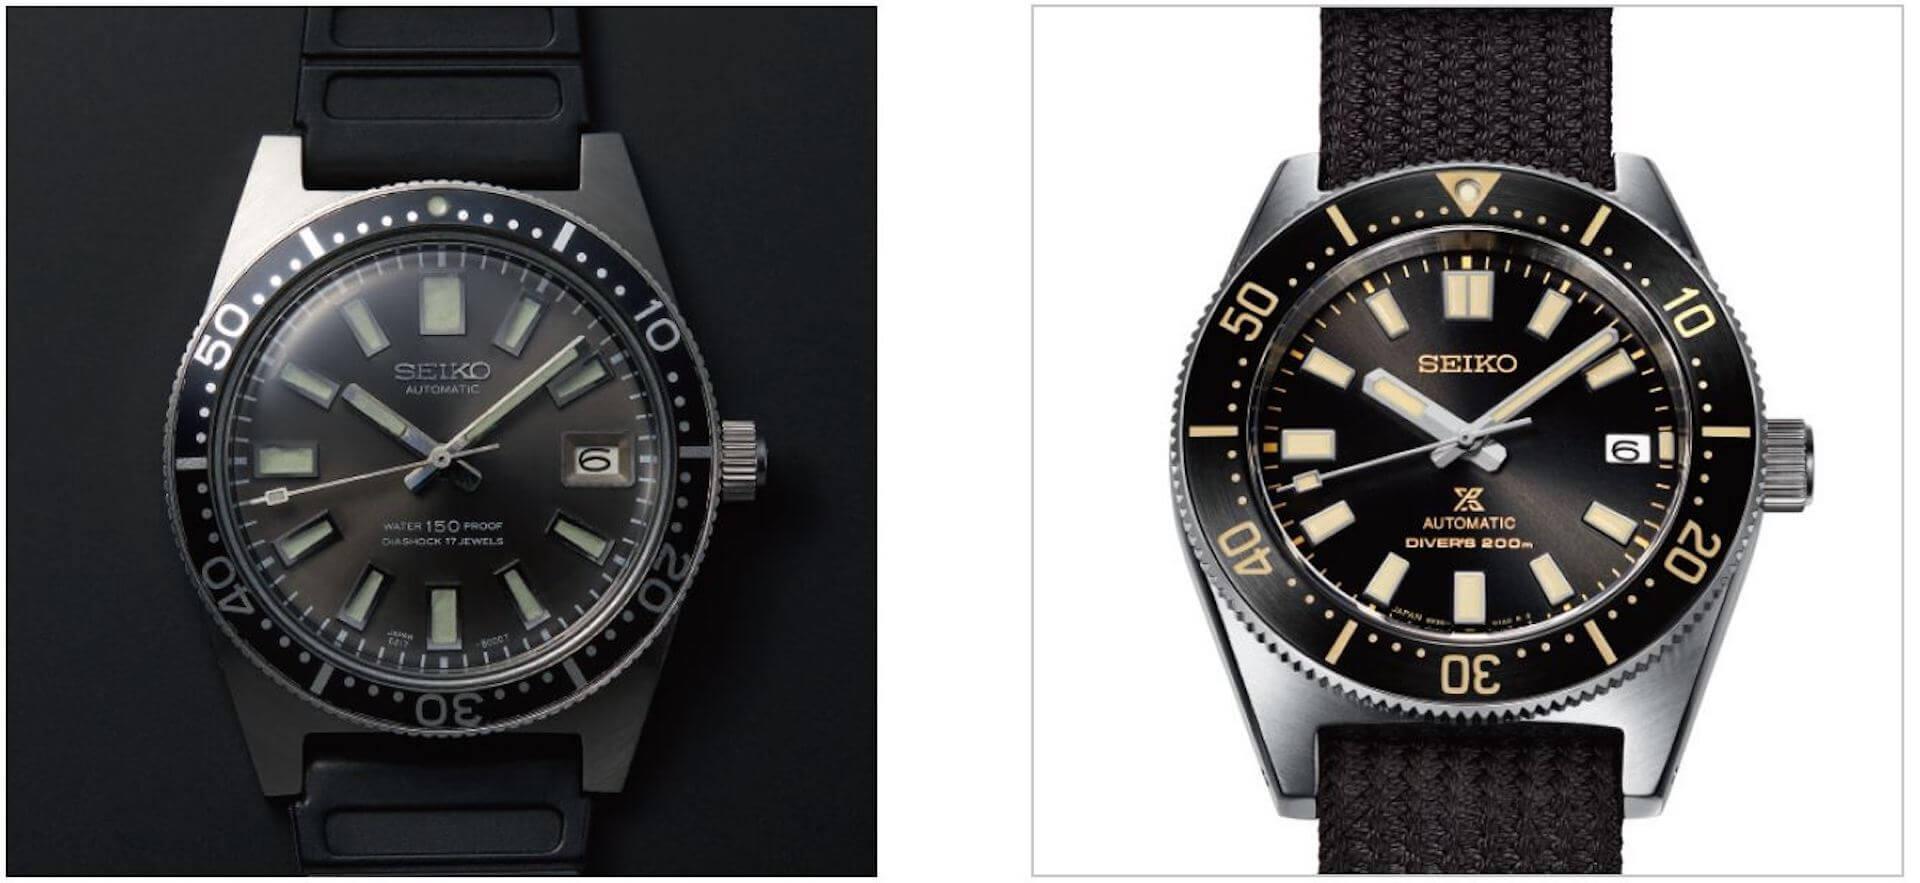 セイコーのダイバーズウォッチにファブリックストラップを採用した新モデル2機種が登場! tech210526_seiko_diverswatch_11